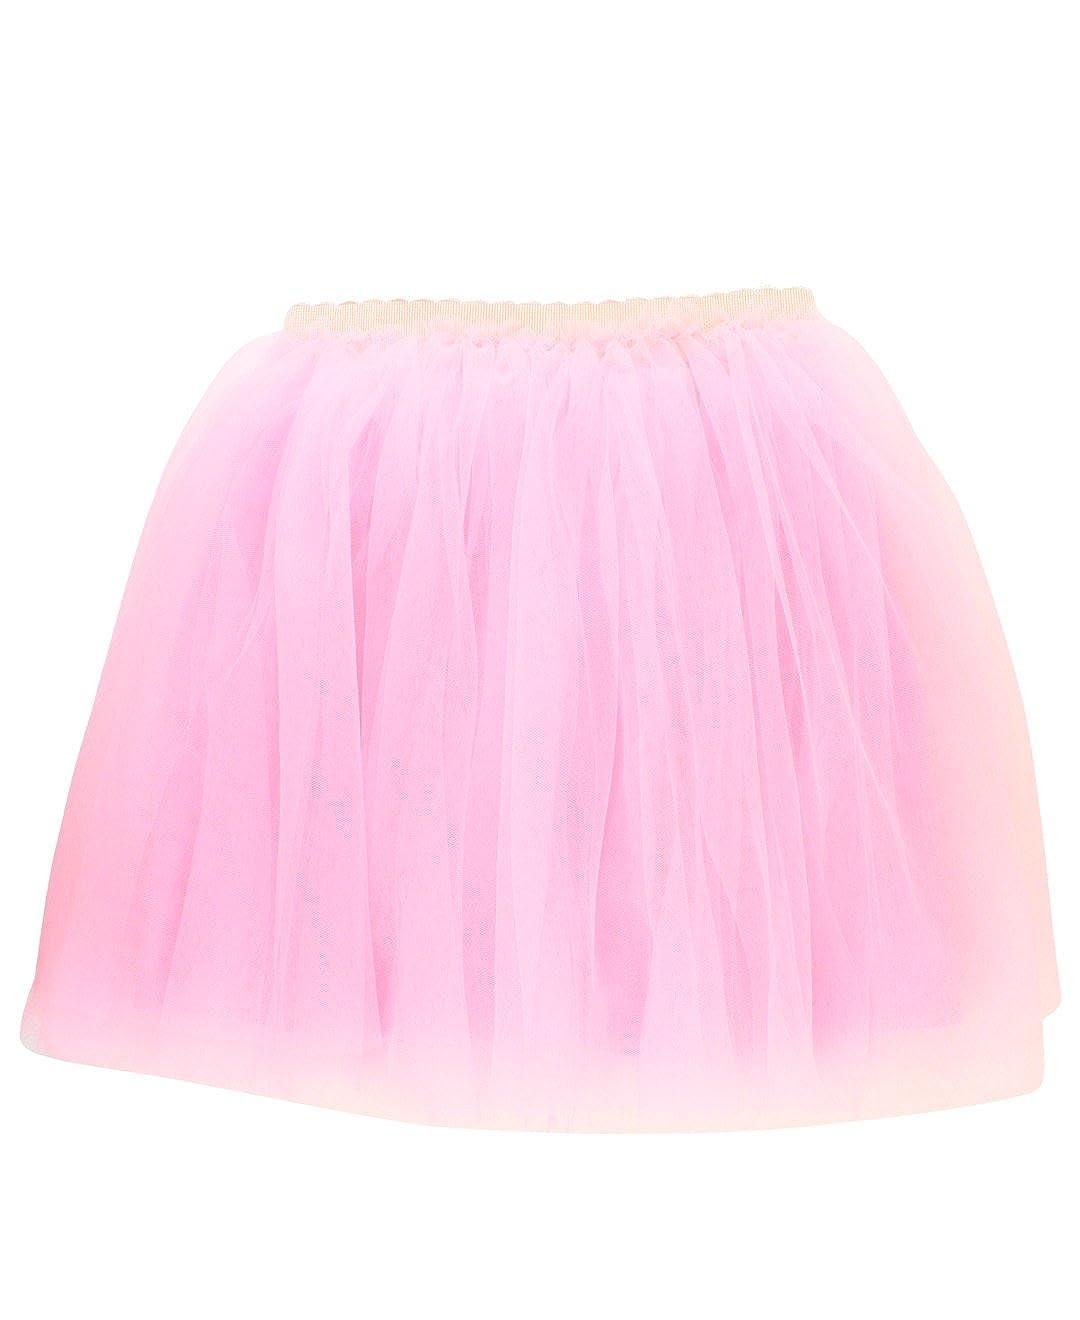 RuffleButts Baby//Toddler Girls Tulle Mesh Tutu Skirt SKWYYXX-TULL-SC-BABY